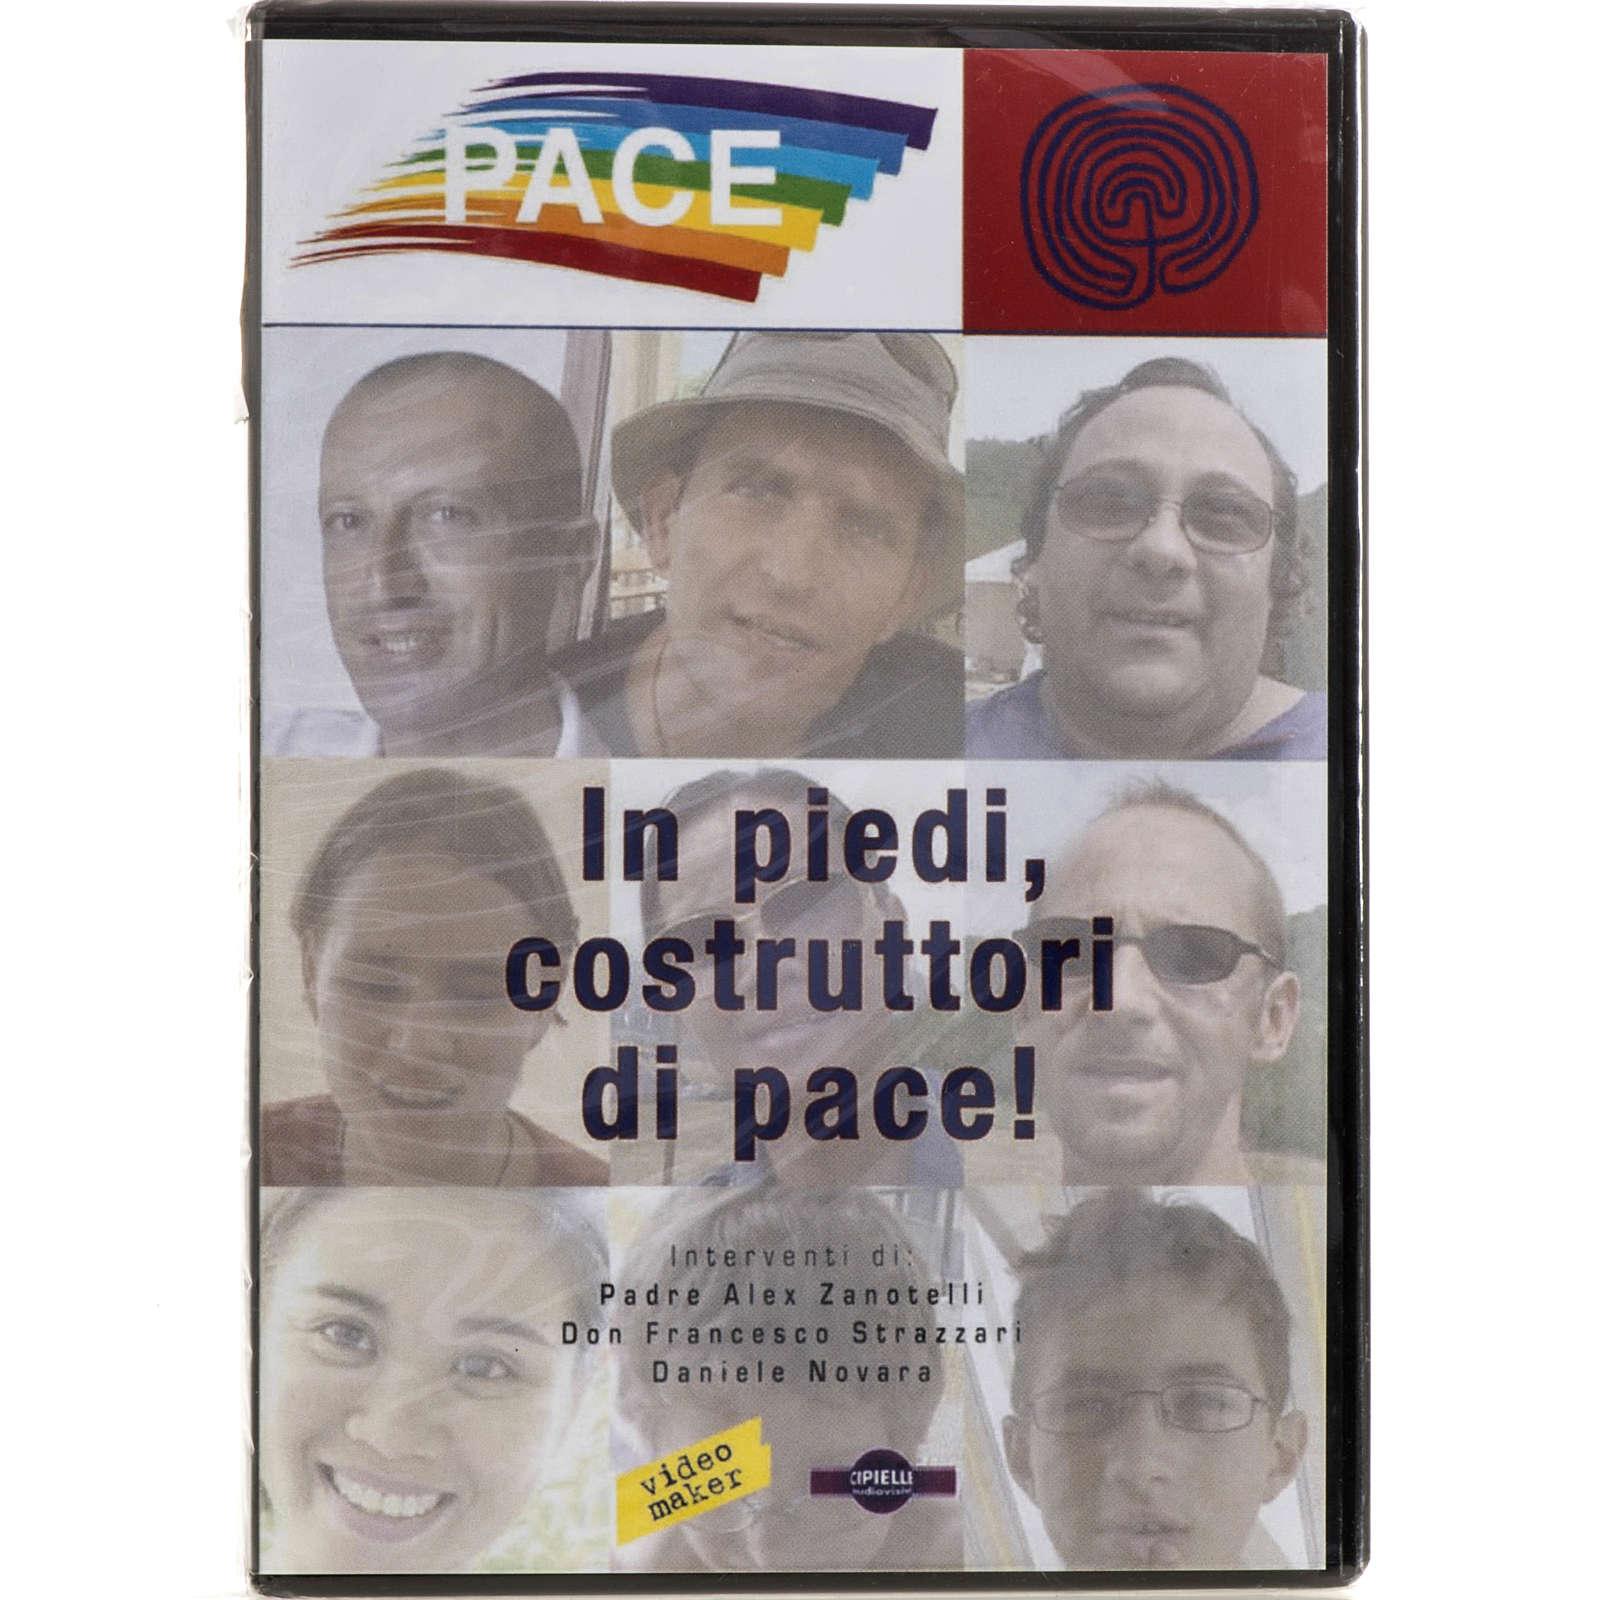 In piedi, costruttori di pace! 3